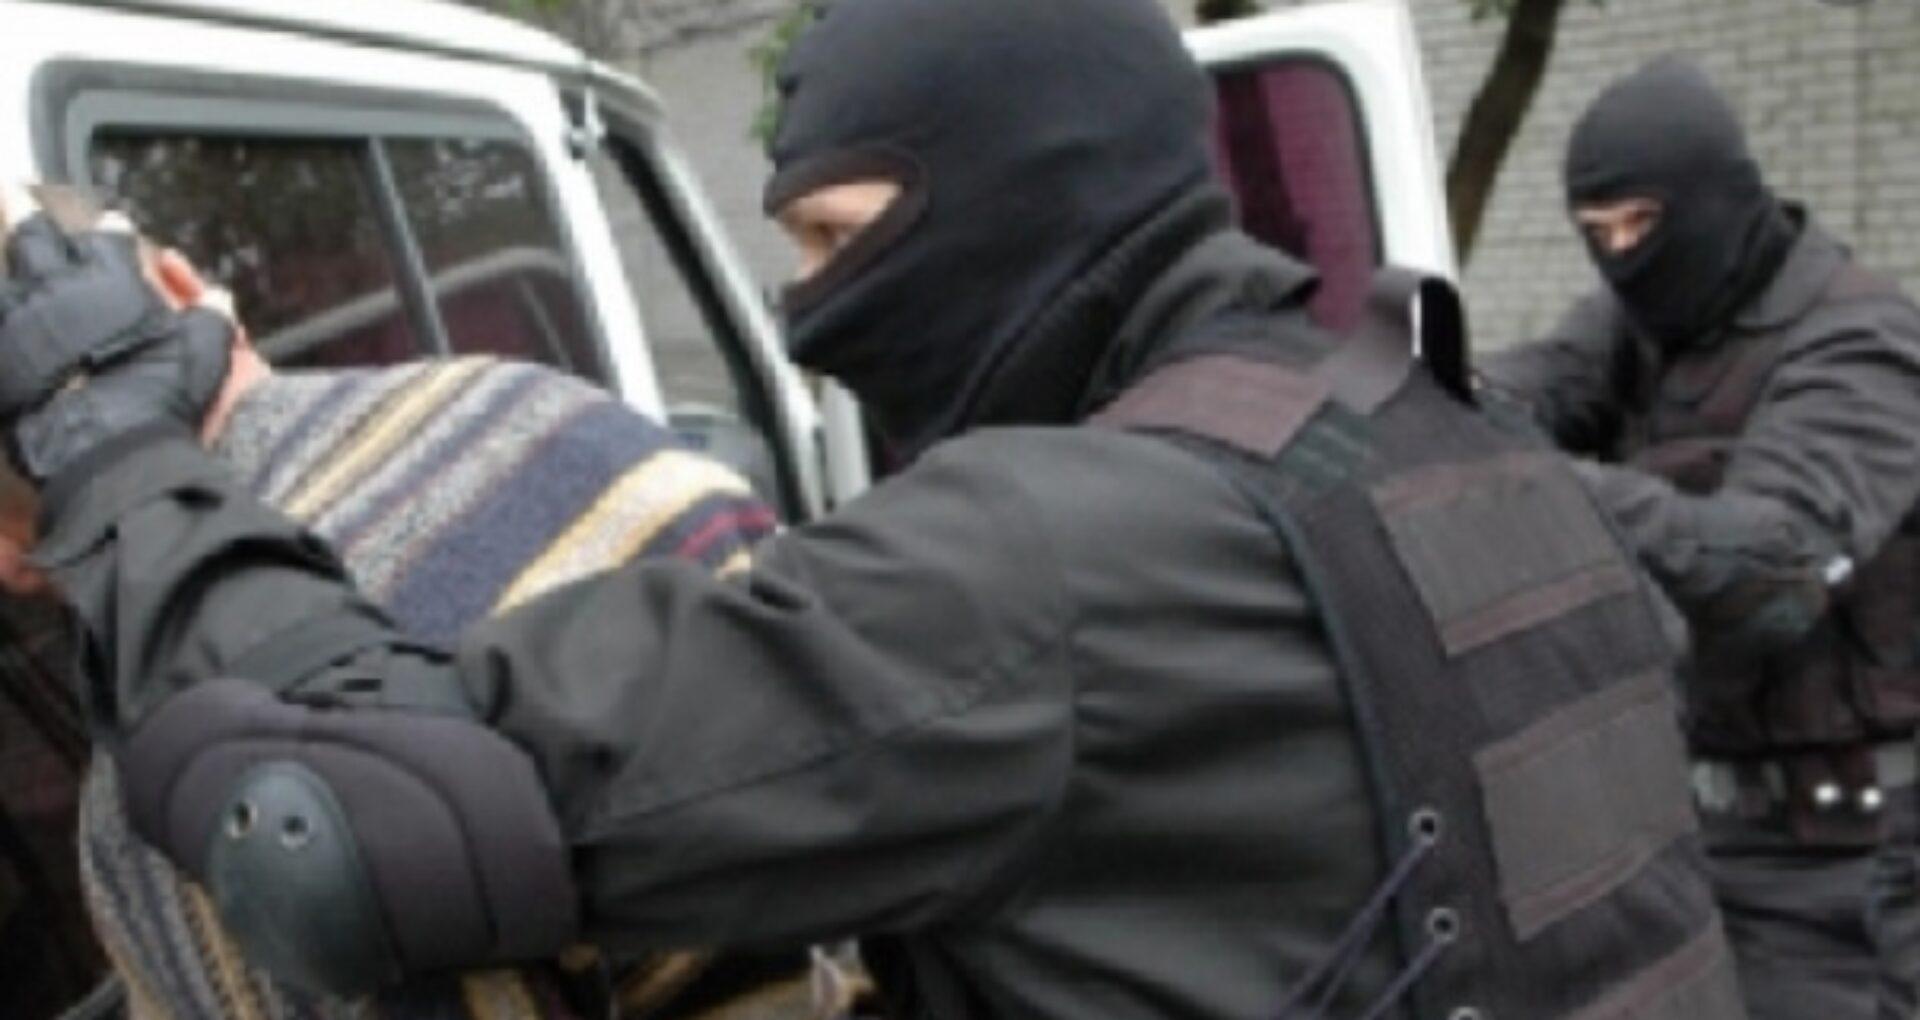 MAI anunță că a mobilizat forțele disponibile și întreprinde toate măsurile pentru eliberarea polițistului răpit de angajații așa-numitului minister al securității de la Tiraspol